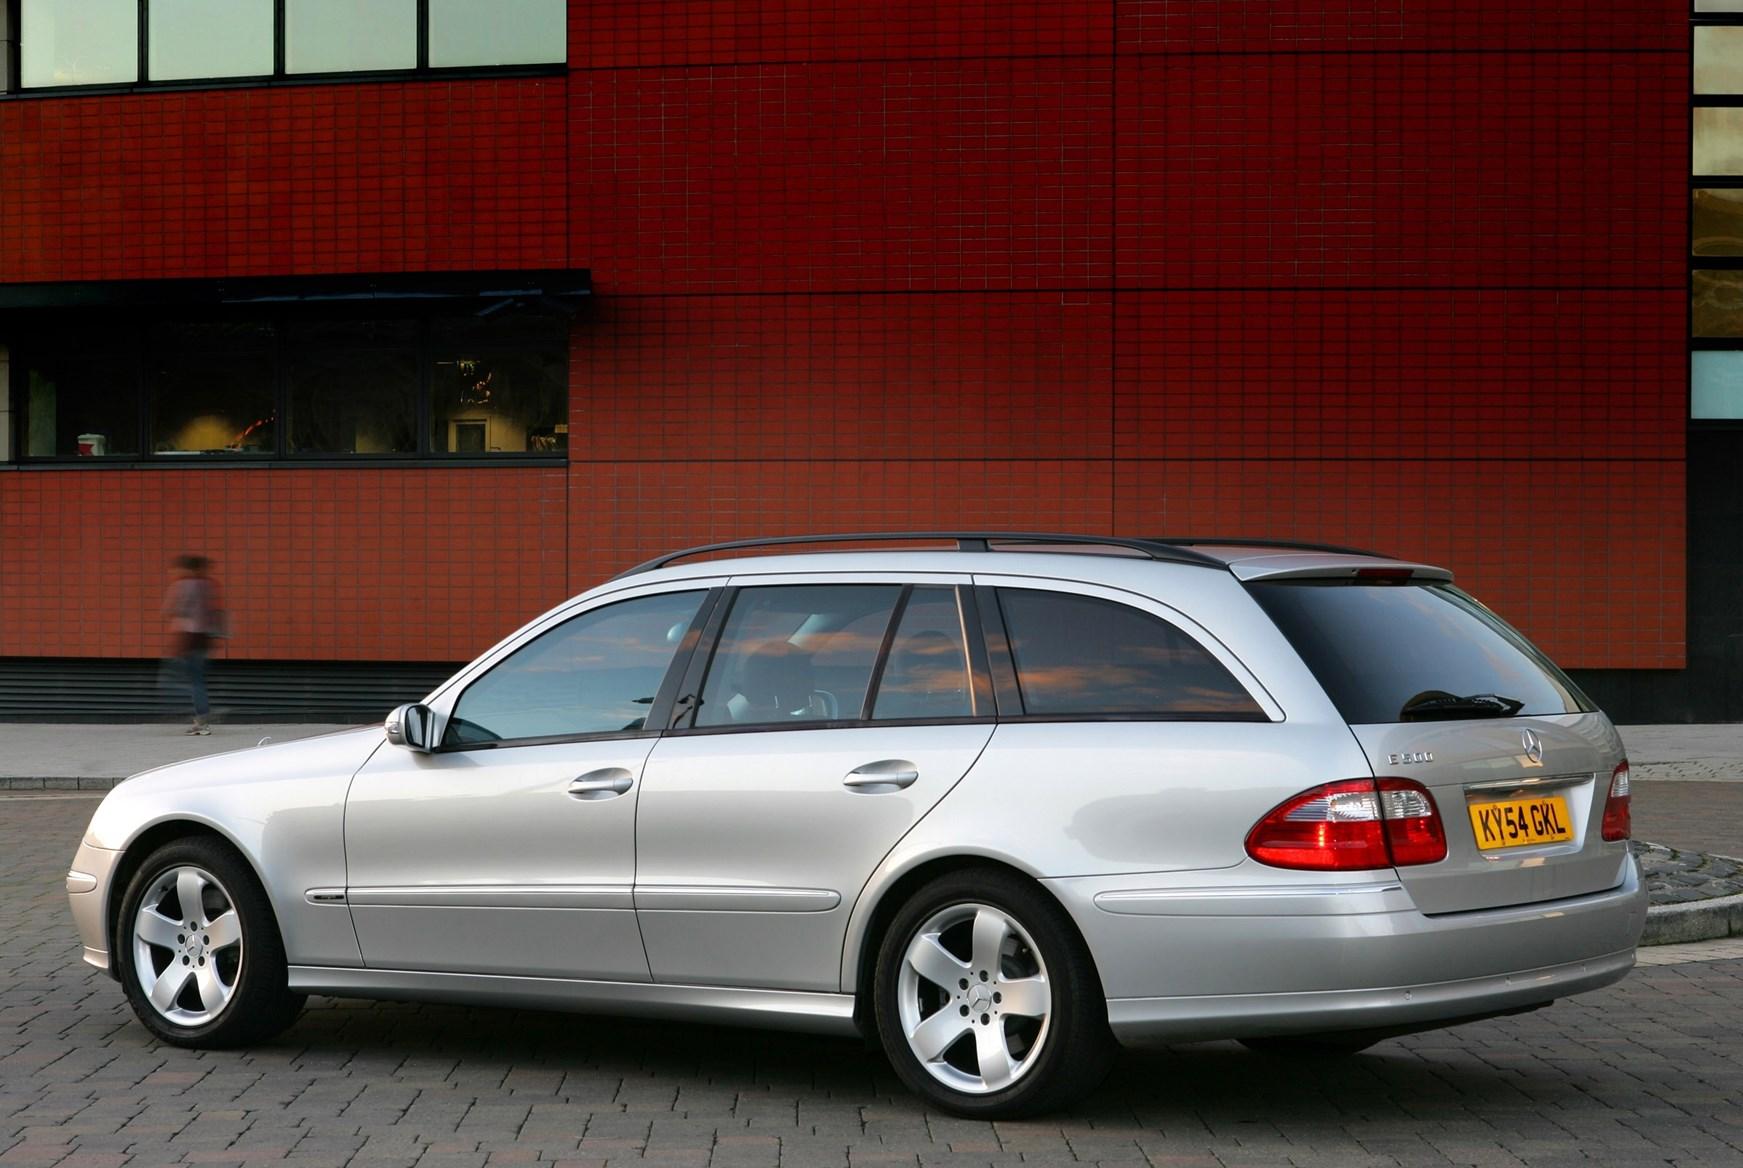 Mercedes benz e class estate review 2003 2008 parkers for How much is a mercedes benz e class